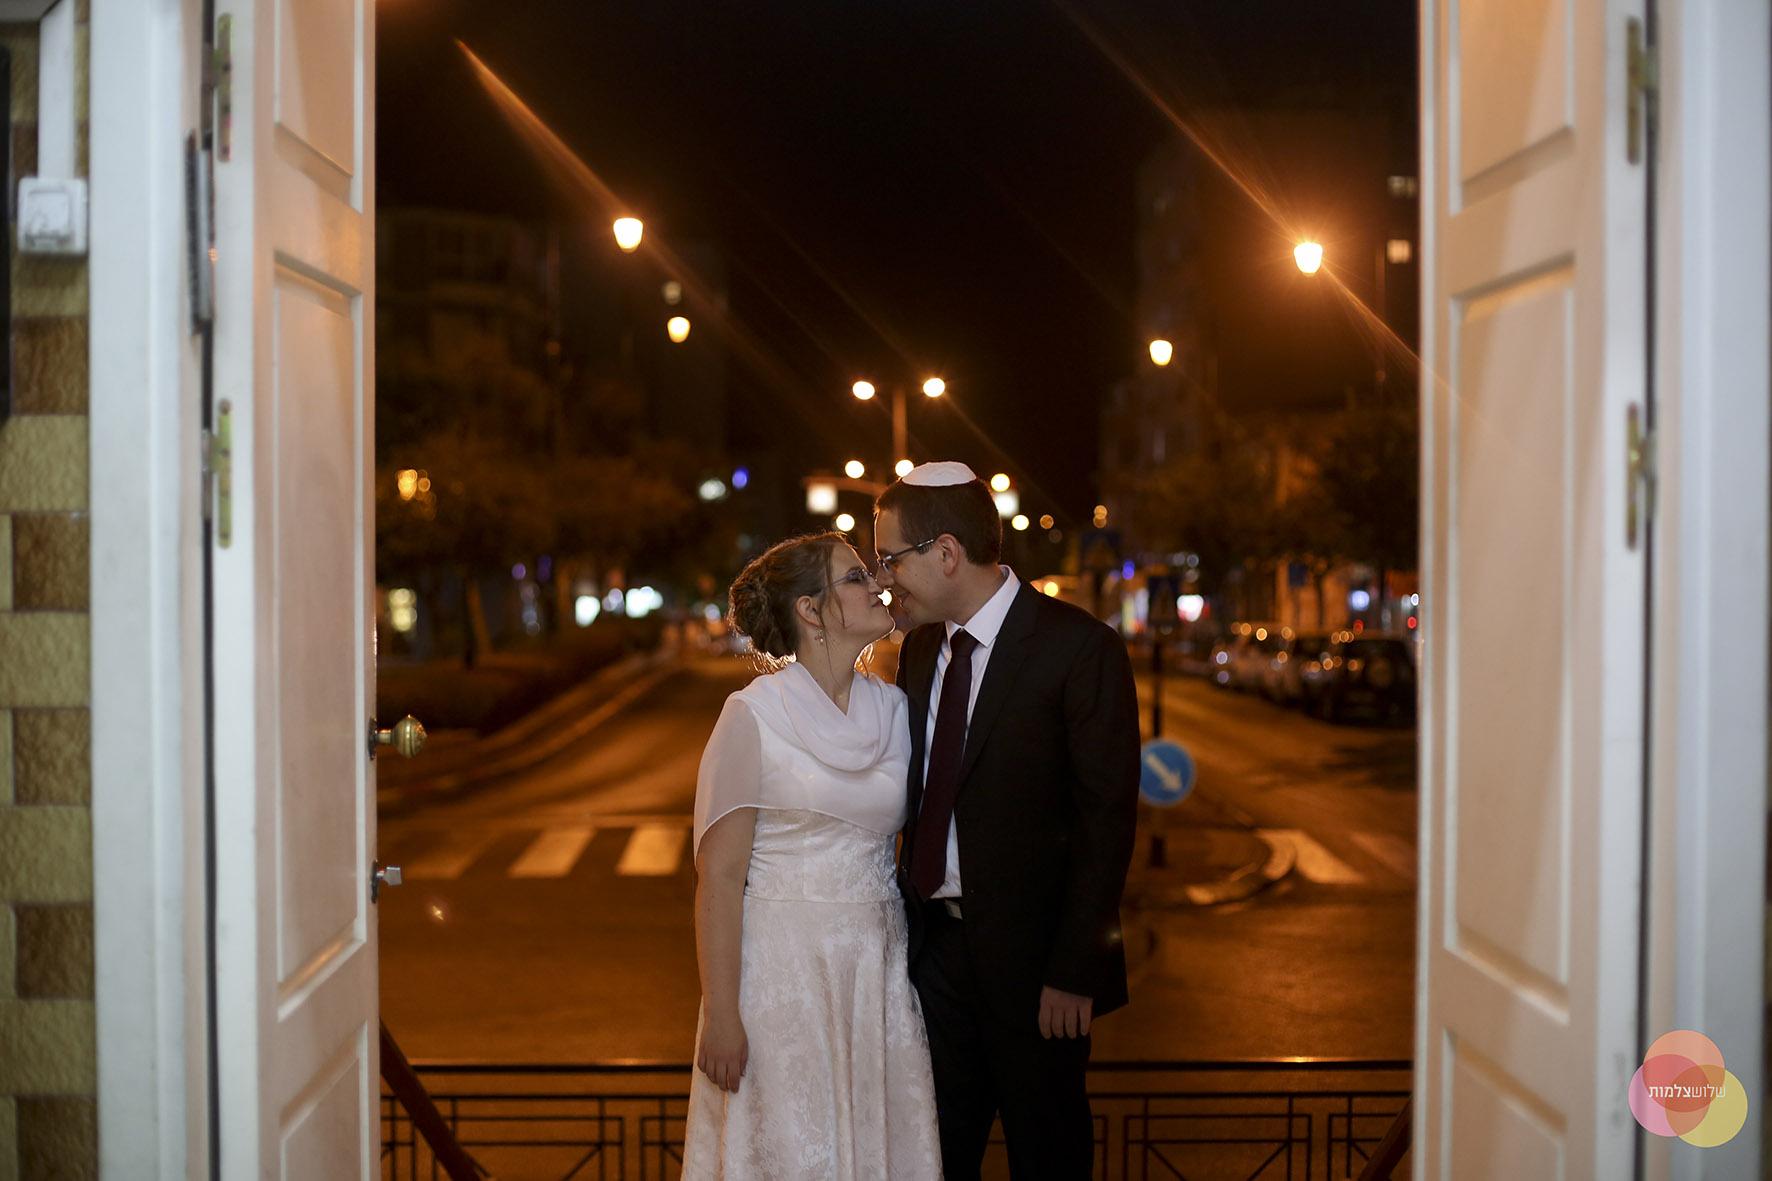 זוג מתחתן בבית הכנסת הגדול. למצולמים אין קשר לכתבה. צילום חופית שלוש צלמות (1)